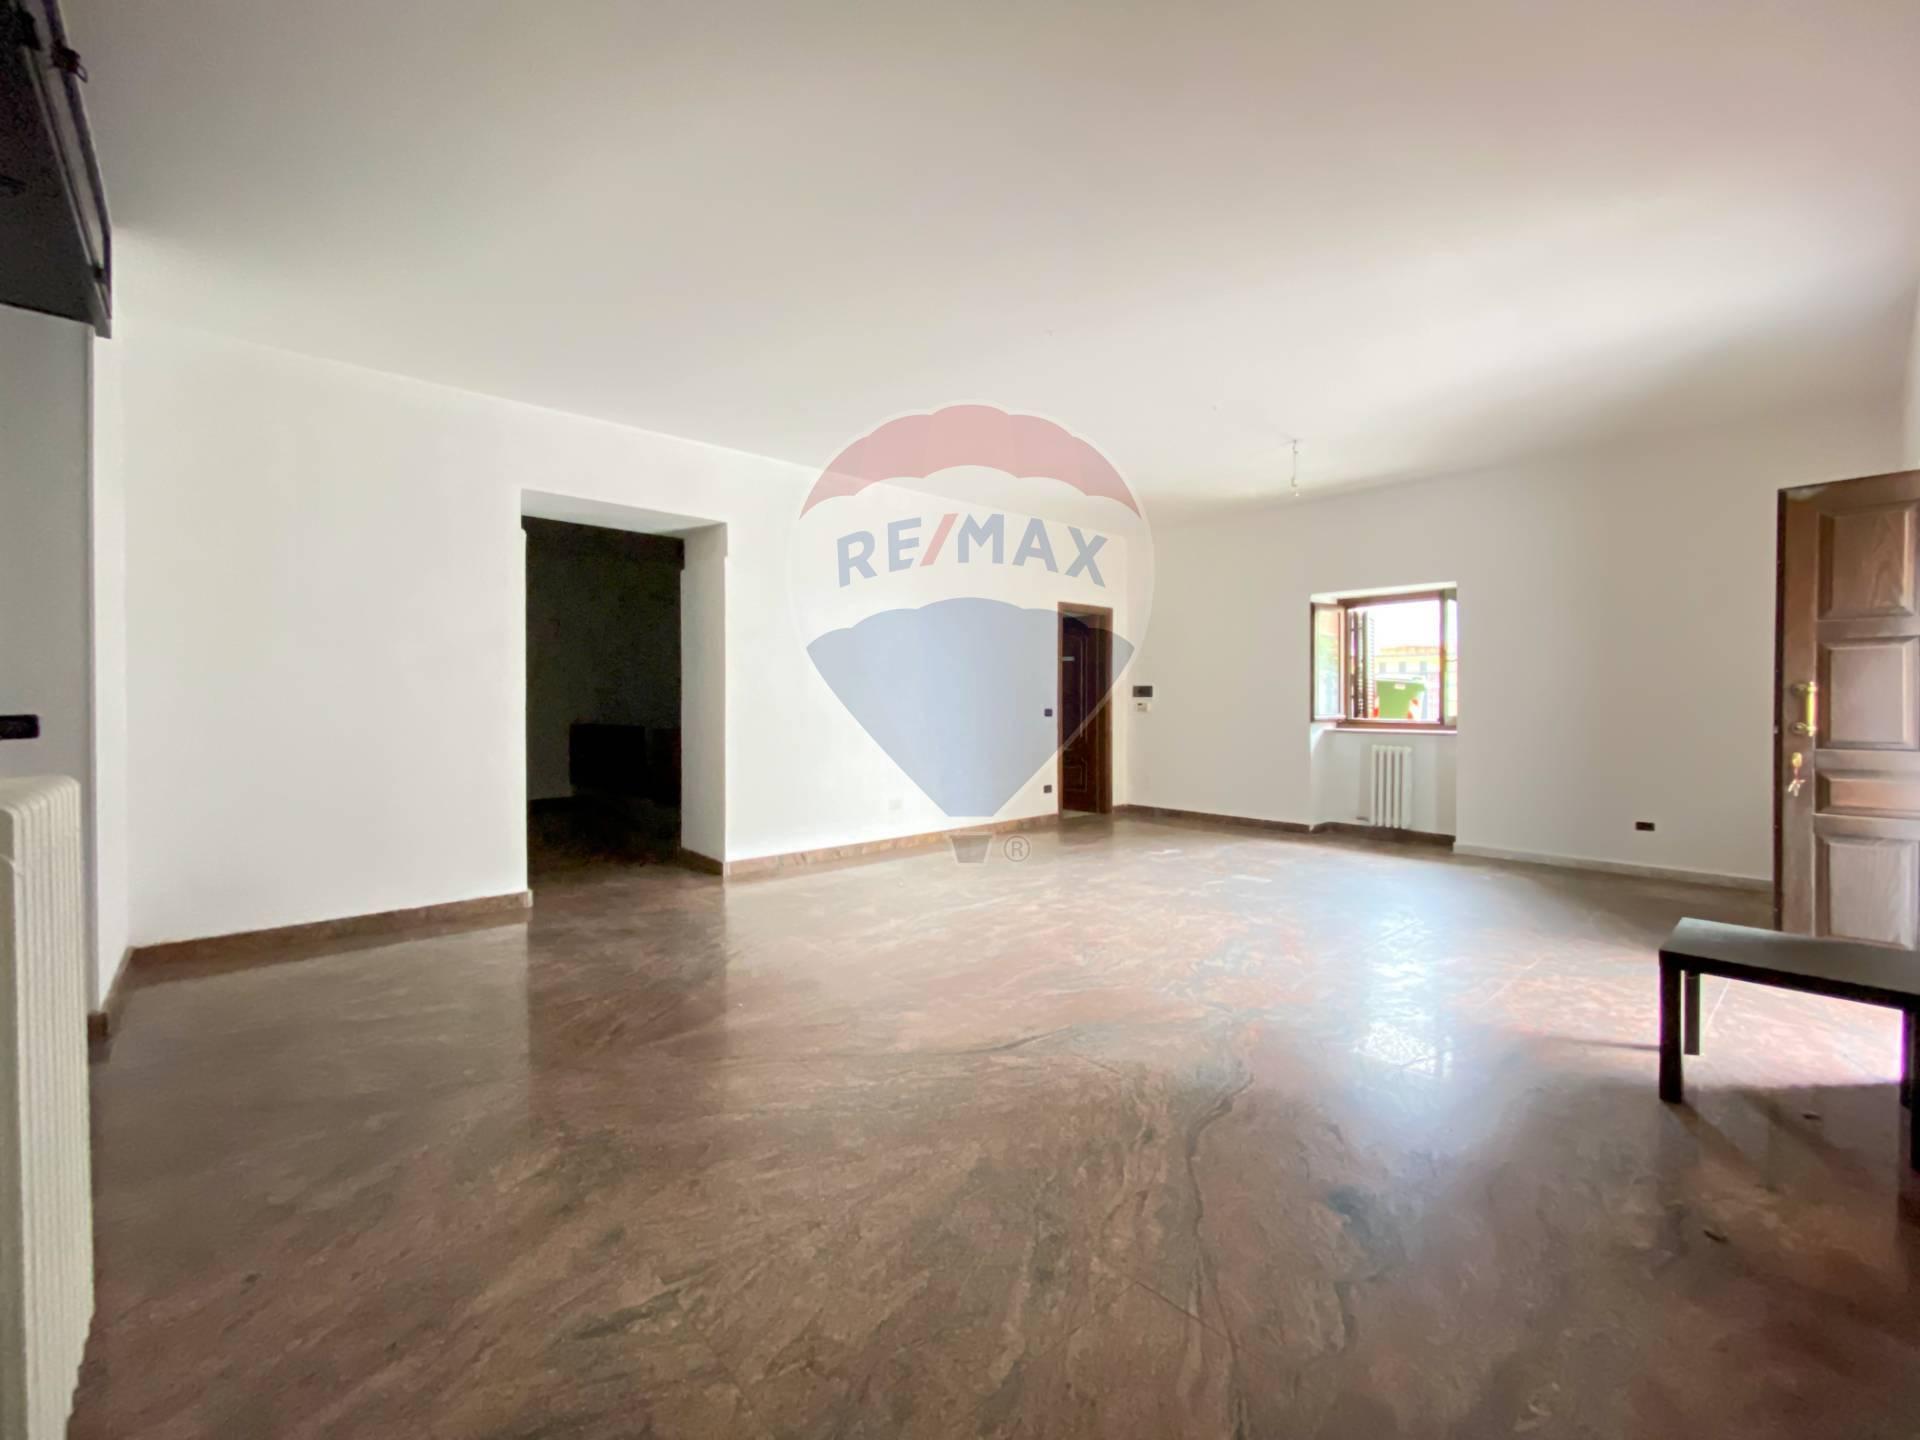 Negozio / Locale in vendita a Sant'Antonino di Susa, 9999 locali, prezzo € 70.000 | CambioCasa.it